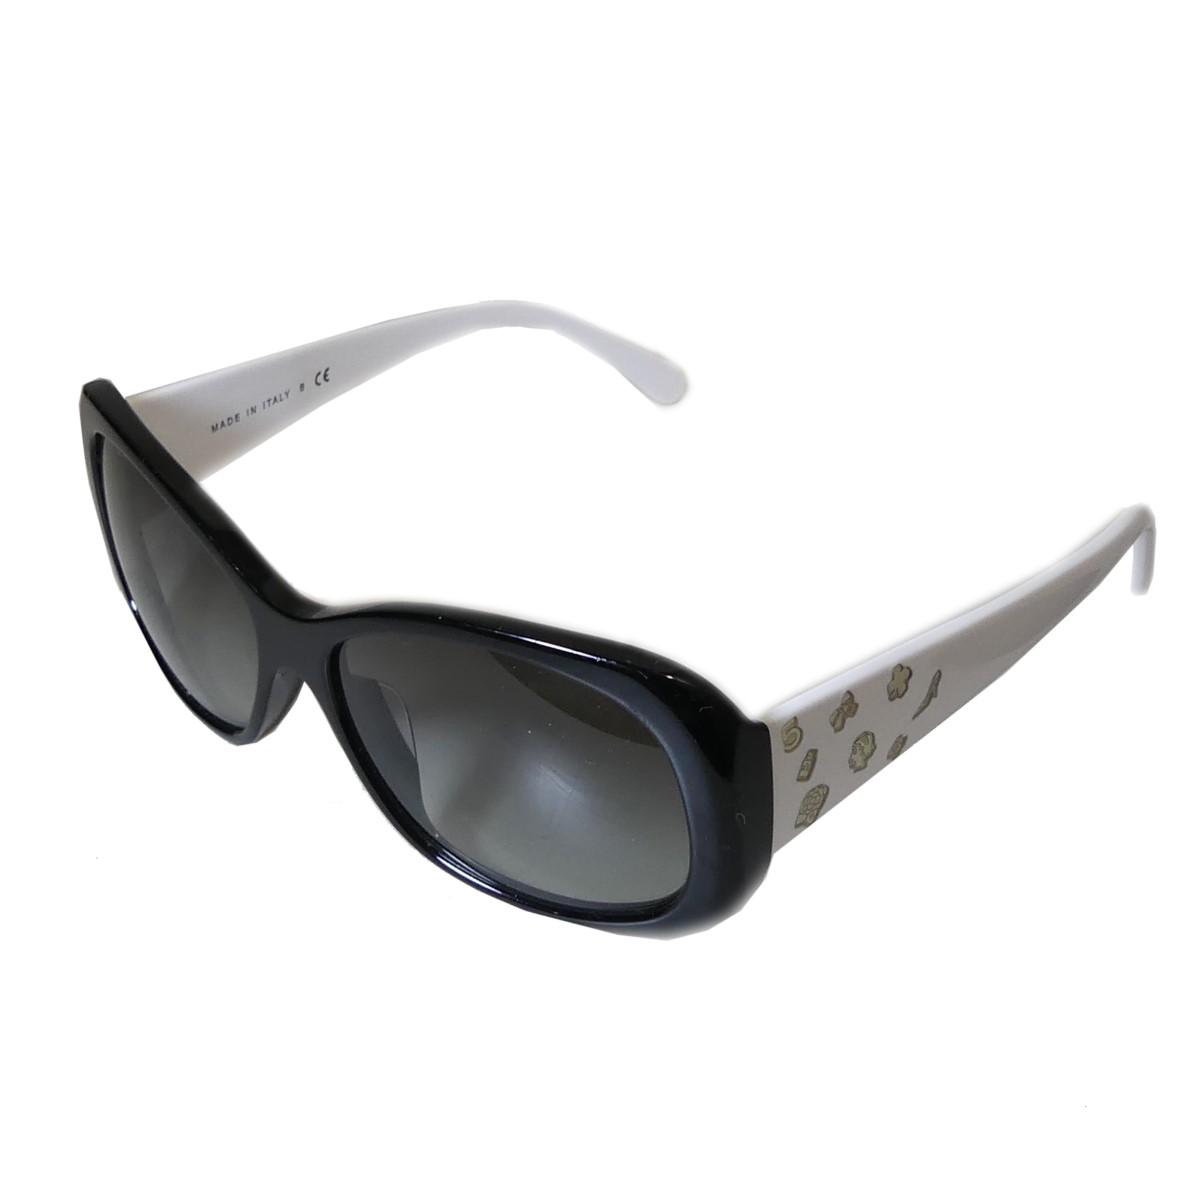 【中古】CHANEL スクエア フレーム 眼鏡 ホワイト×ブラック サイズ:55□15-135 【050620】(シャネル)